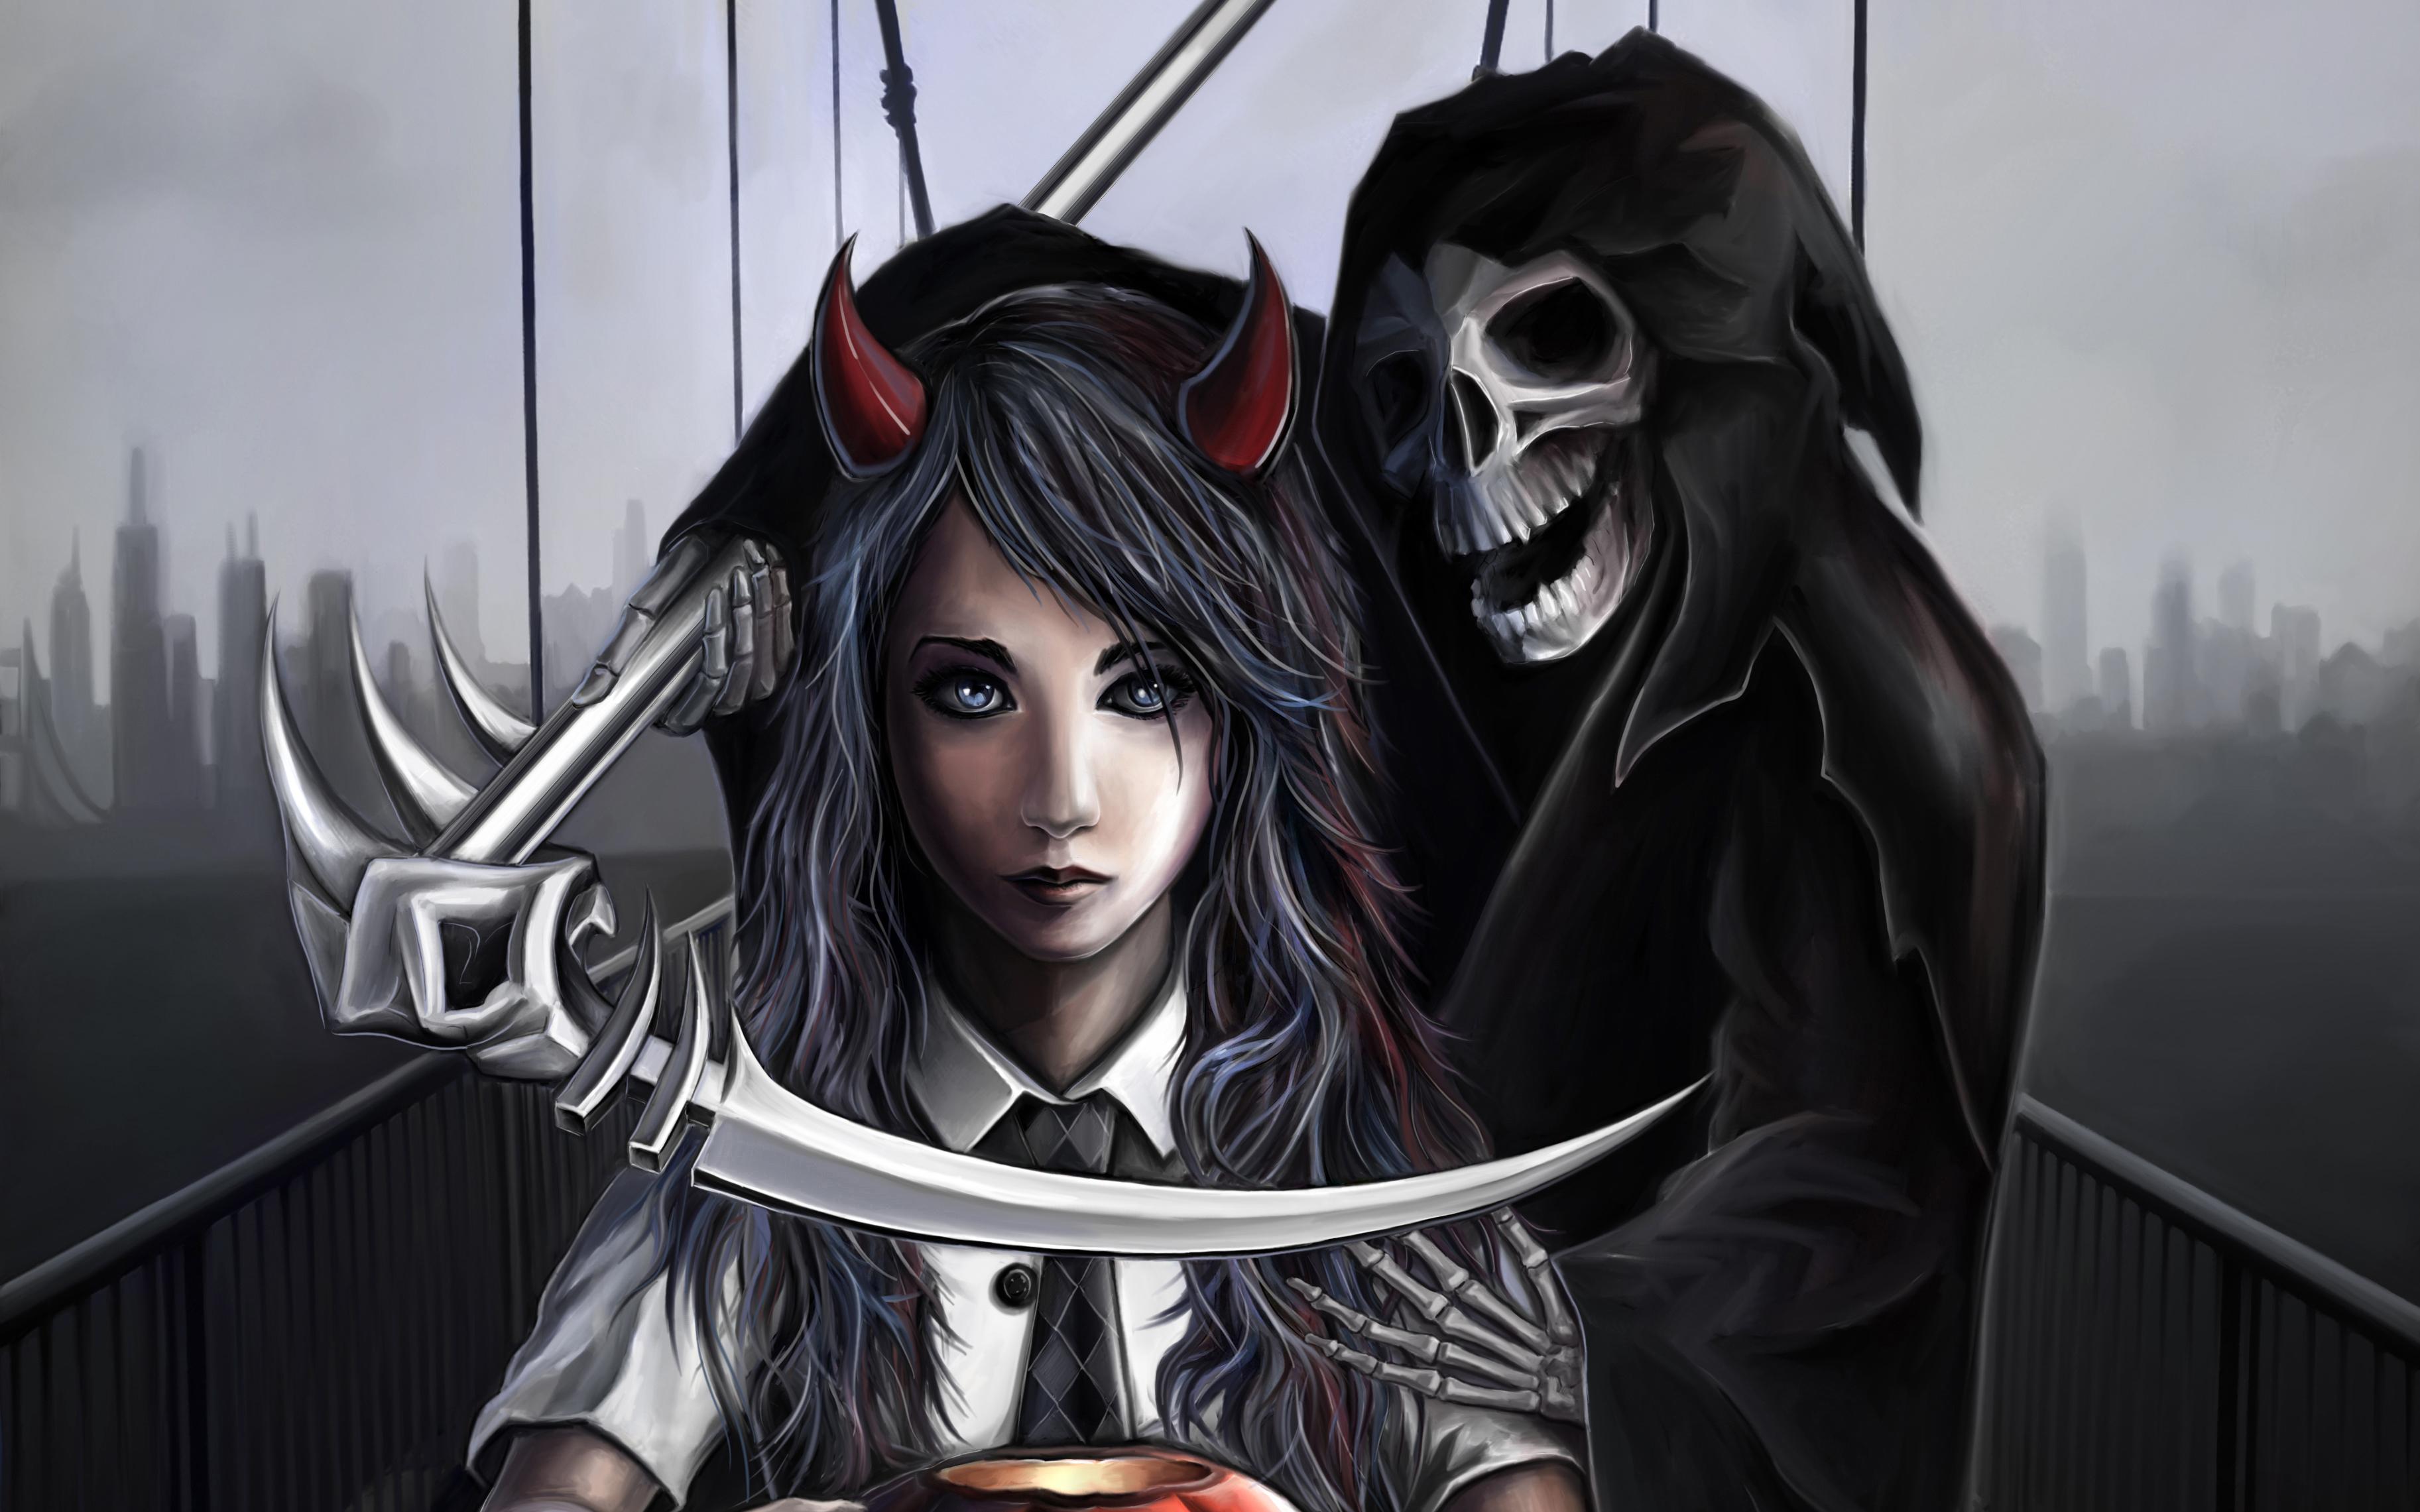 фэнтези графика женщина Grim Reaper  № 3256180 бесплатно